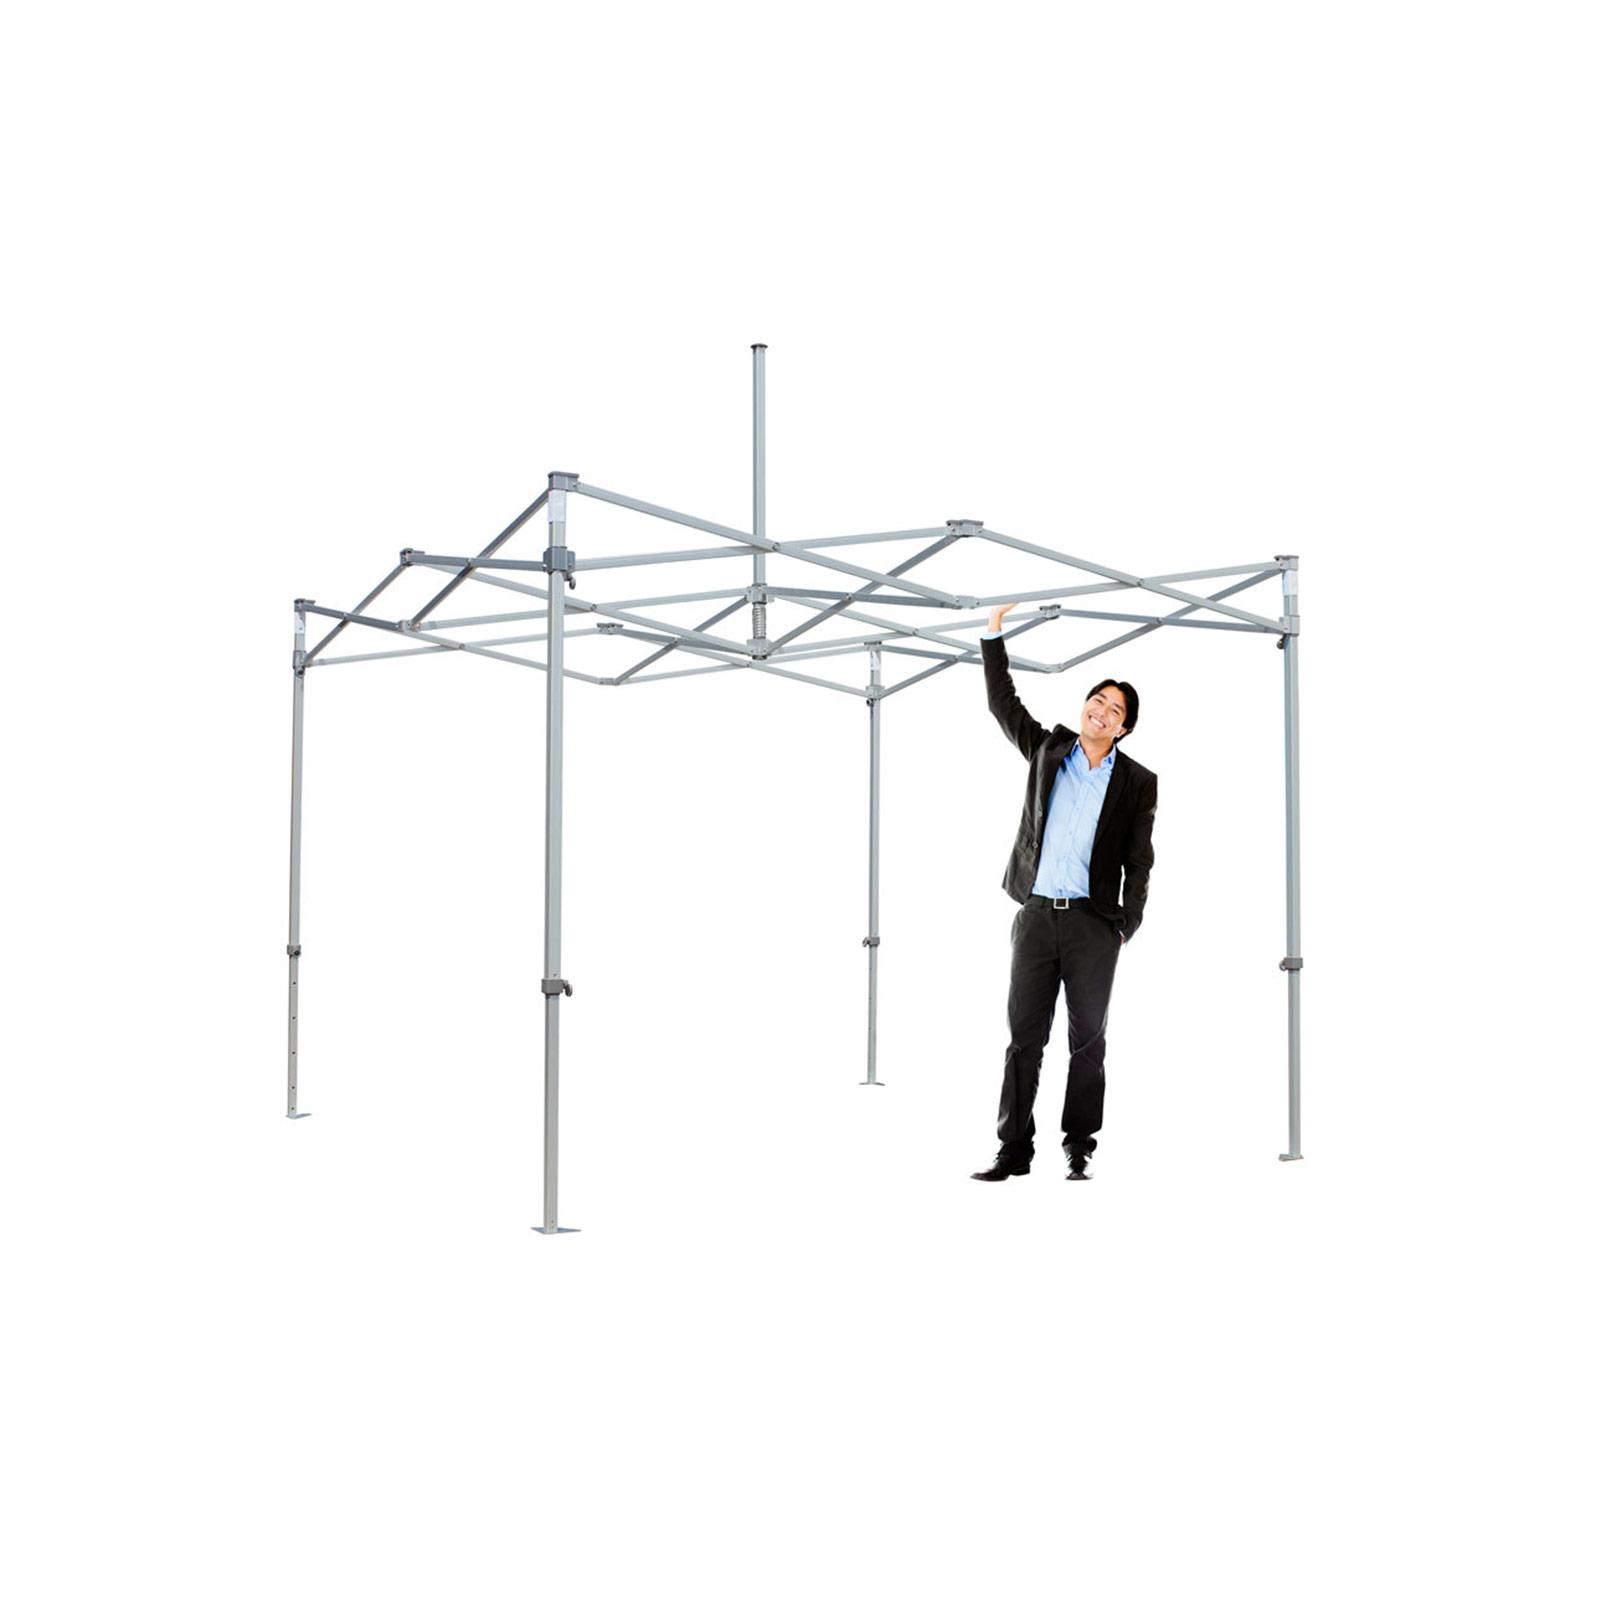 Rahmen für TENTASTIC Faltpavillon Alu Ersatzrahmen aus Aluminium für ...